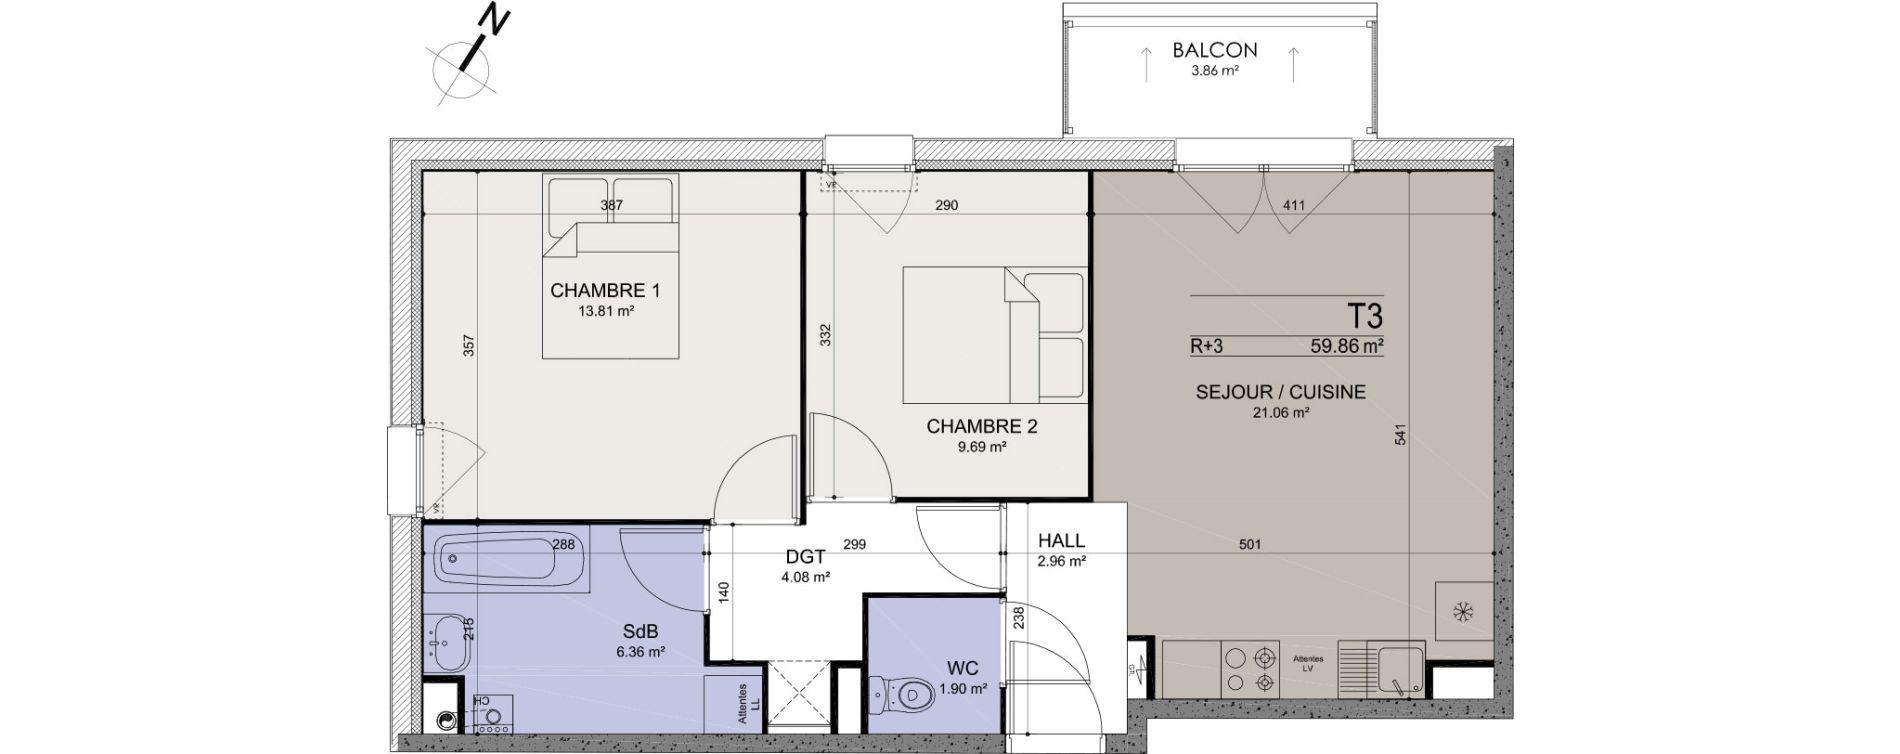 Appartement T3 de 59,86 m2 à Annœullin Centre